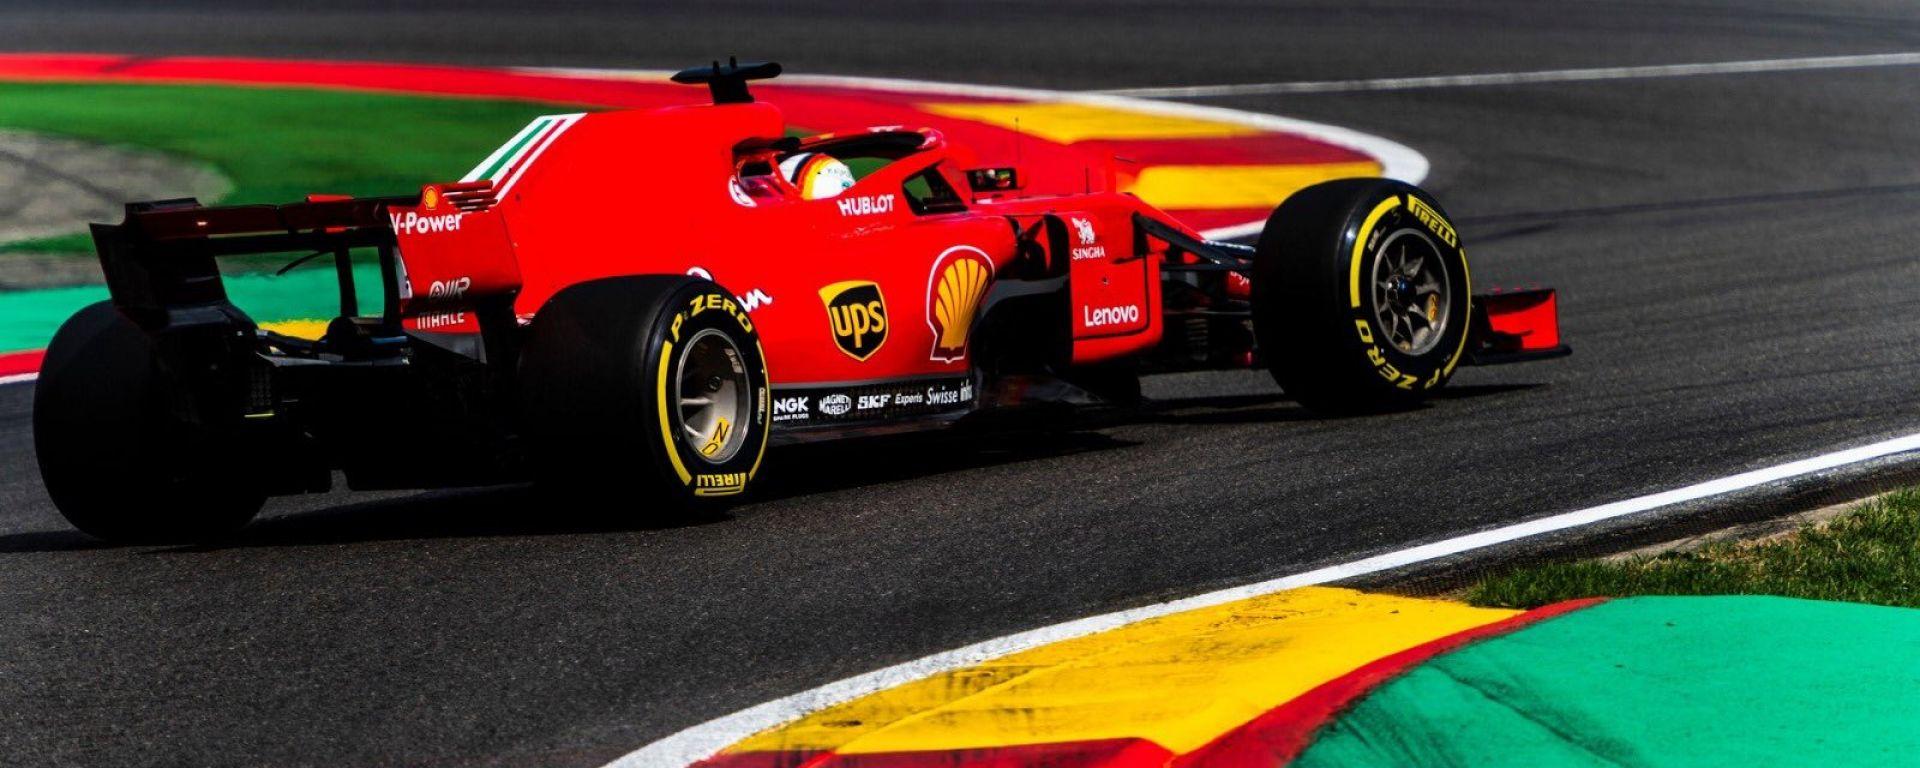 GP Belgio 2018, Spa-Francorchamps, Sebastian Vettel in azione con la sua Ferrari